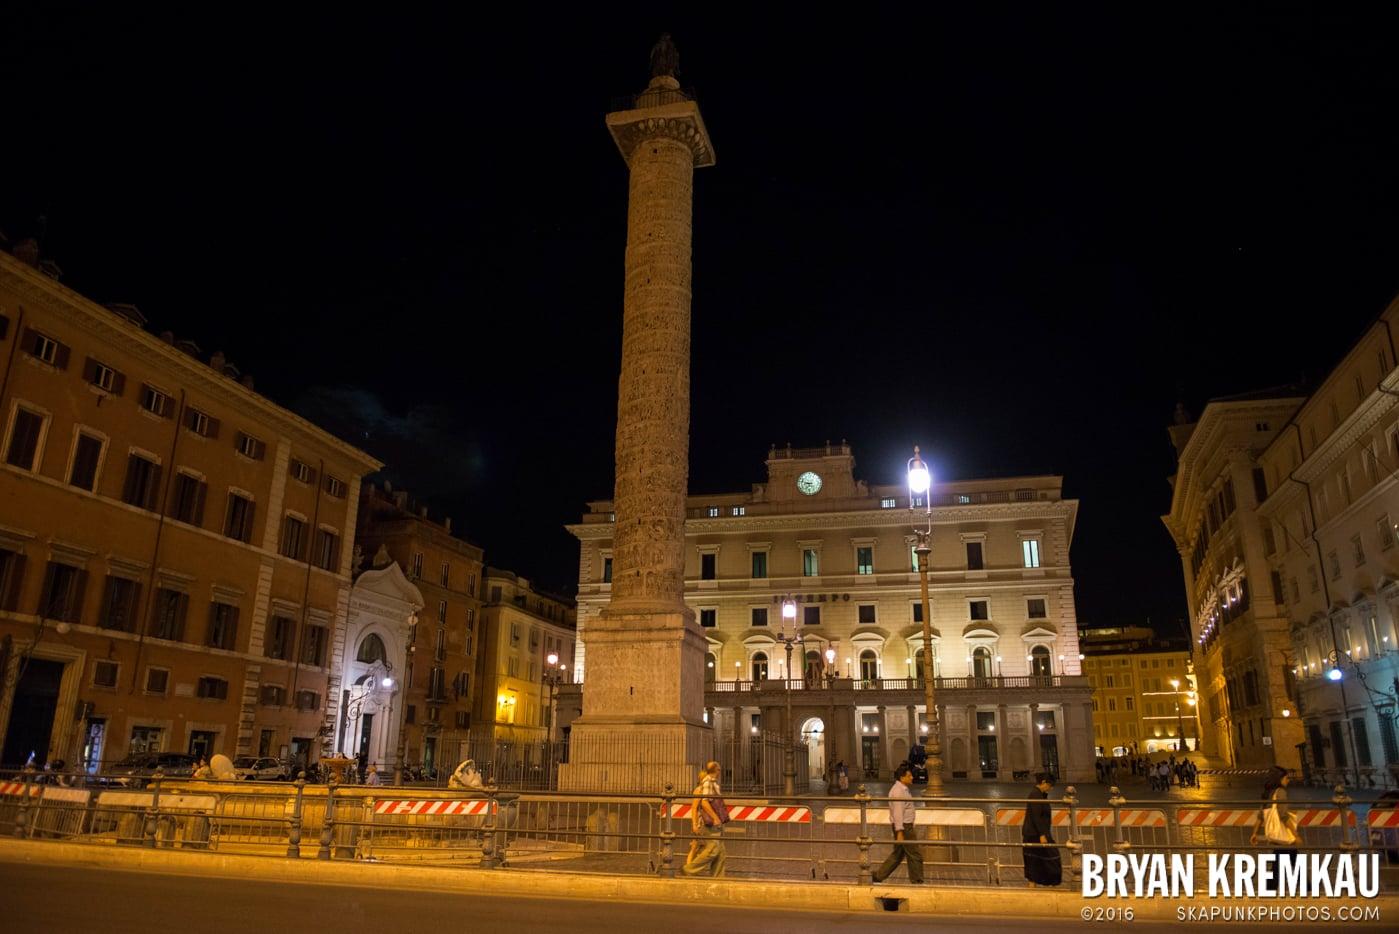 Italy Vacation - Day 3: Rome - 9.11.13 (1)